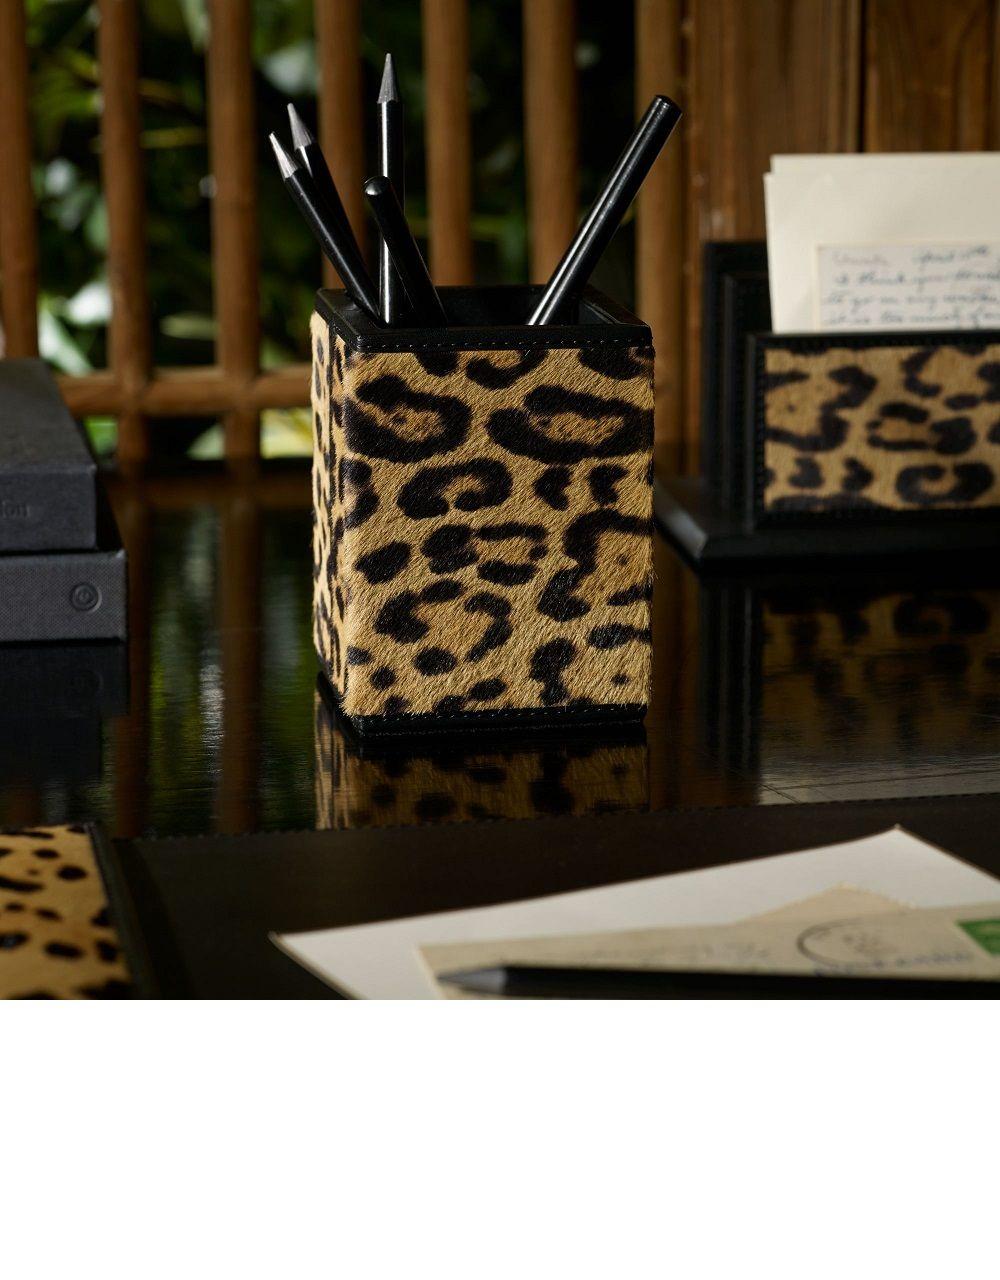 InStyle Decor.com Luxury Desk Accessories, Desk Pads, Desk Blotters, Desk